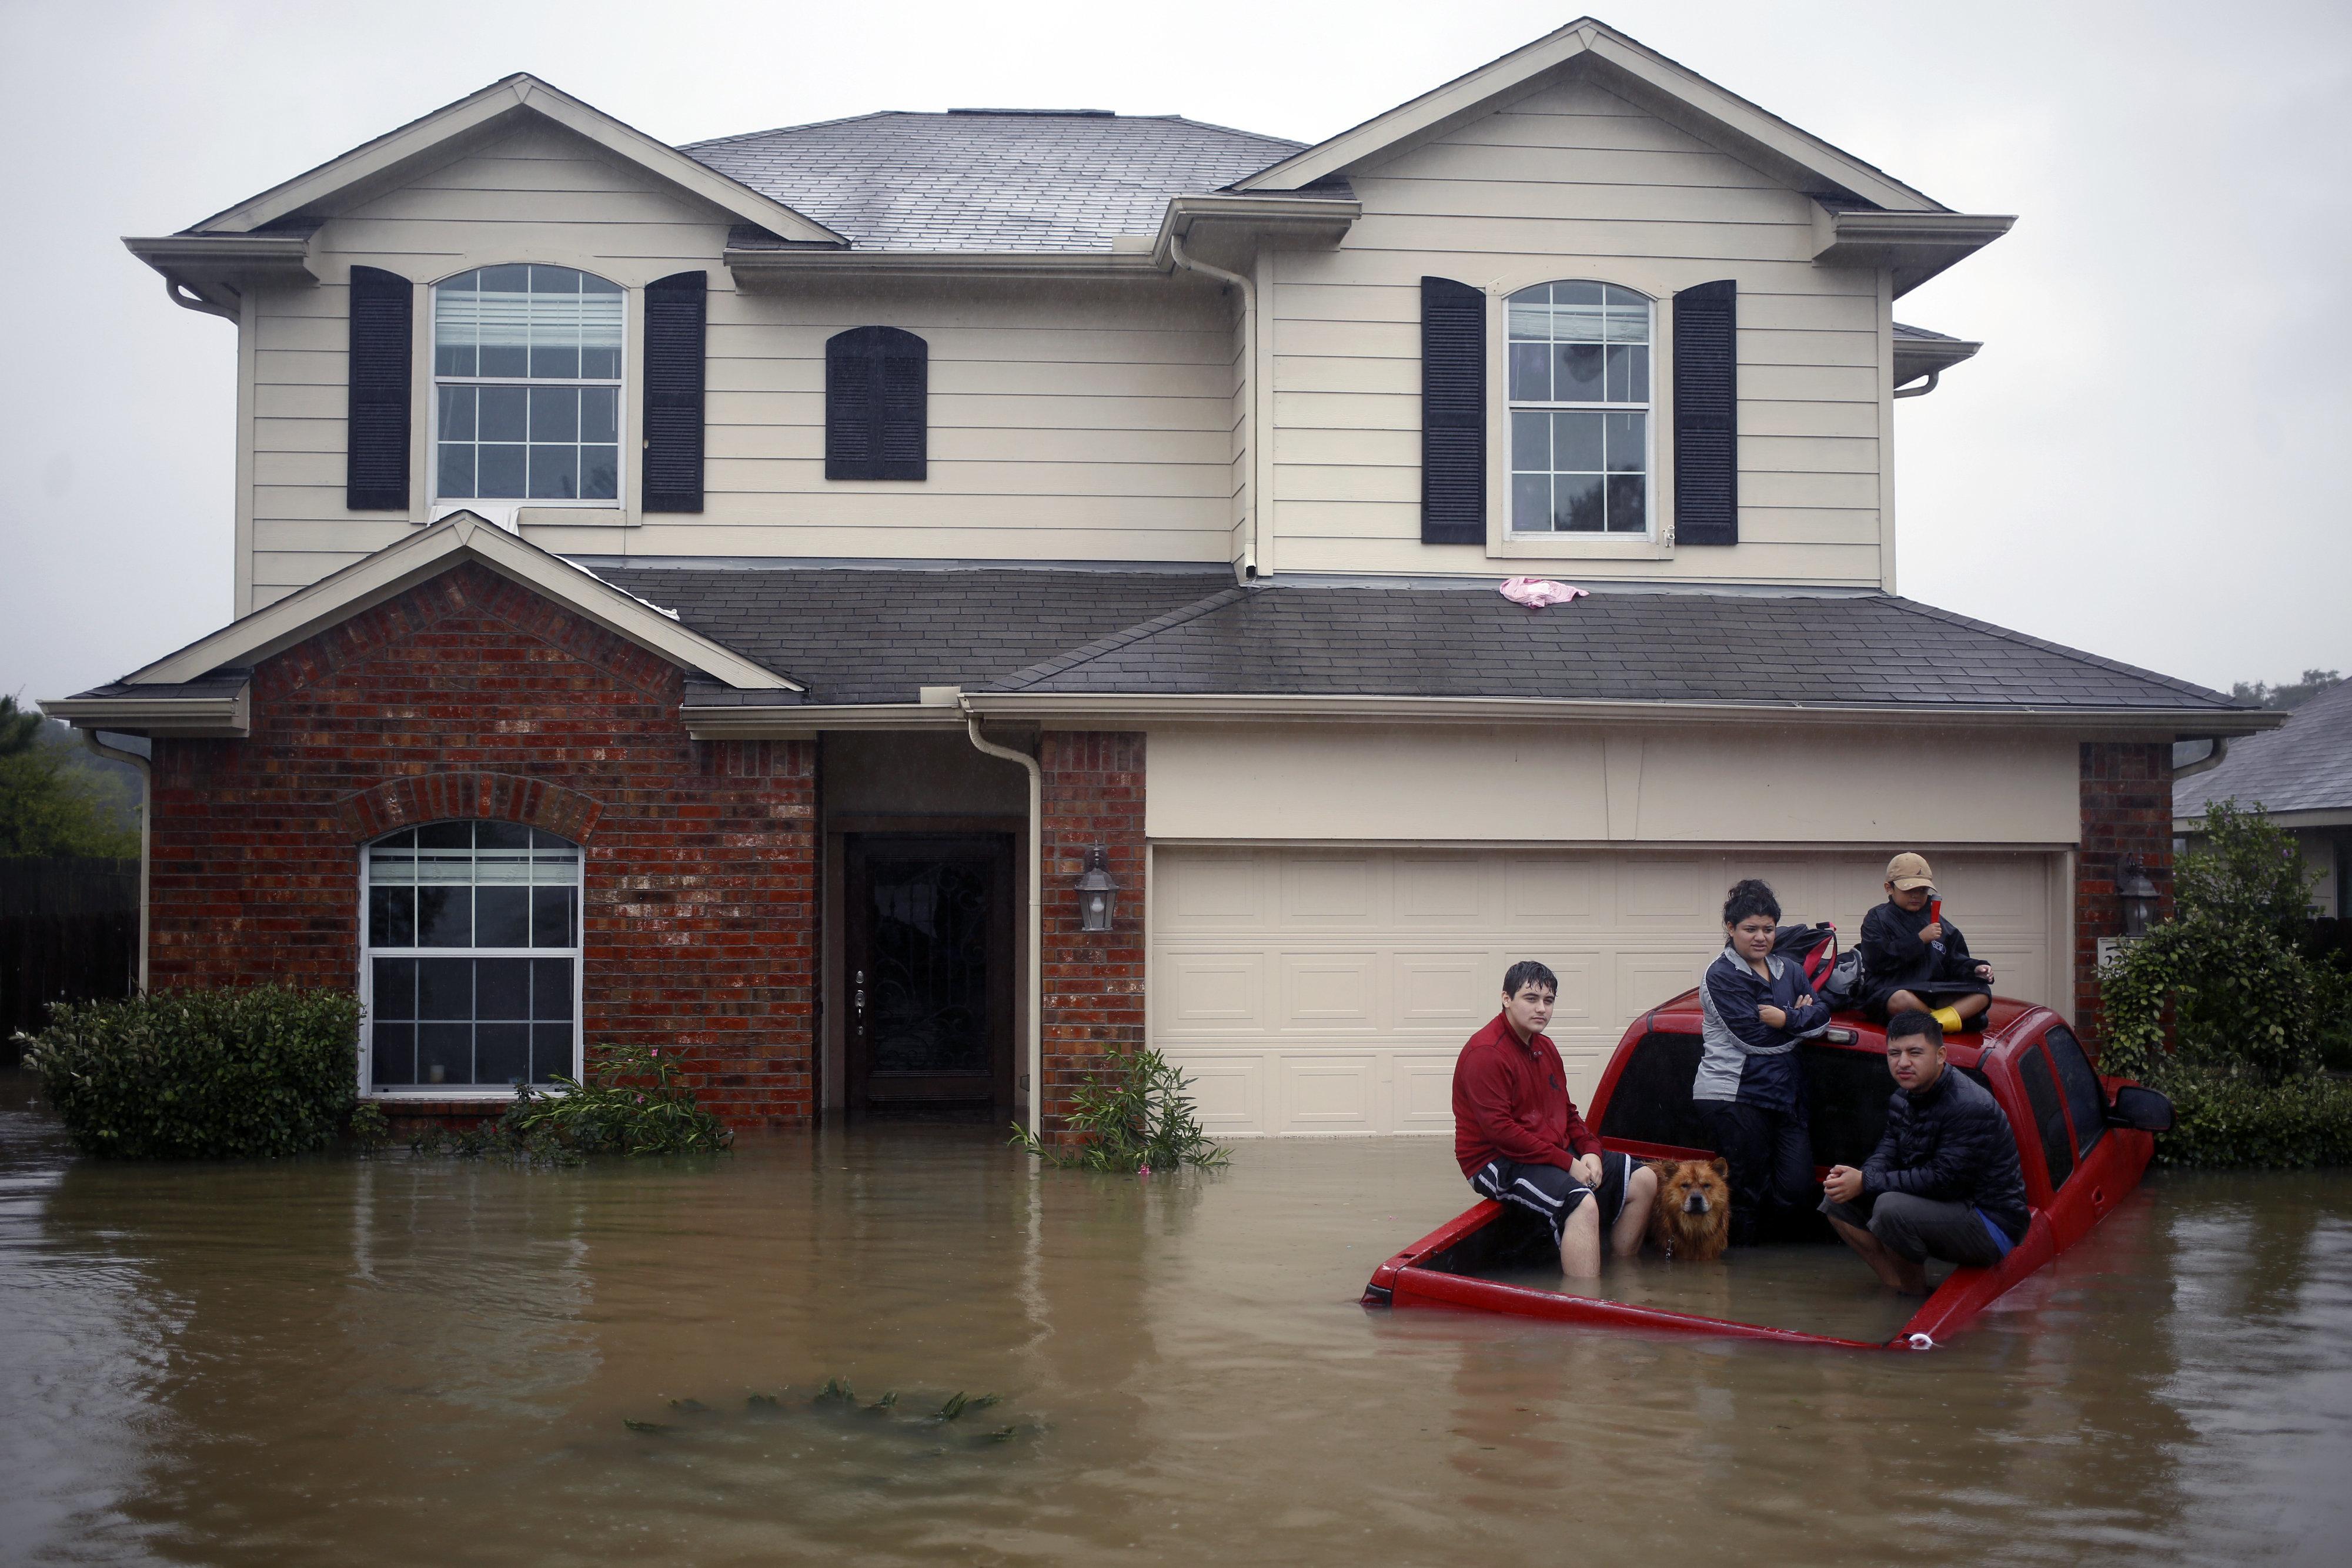 Οι φυσικές καταστροφές κόστισαν στις ΗΠΑ 306 δισ. δολάρια το 2017